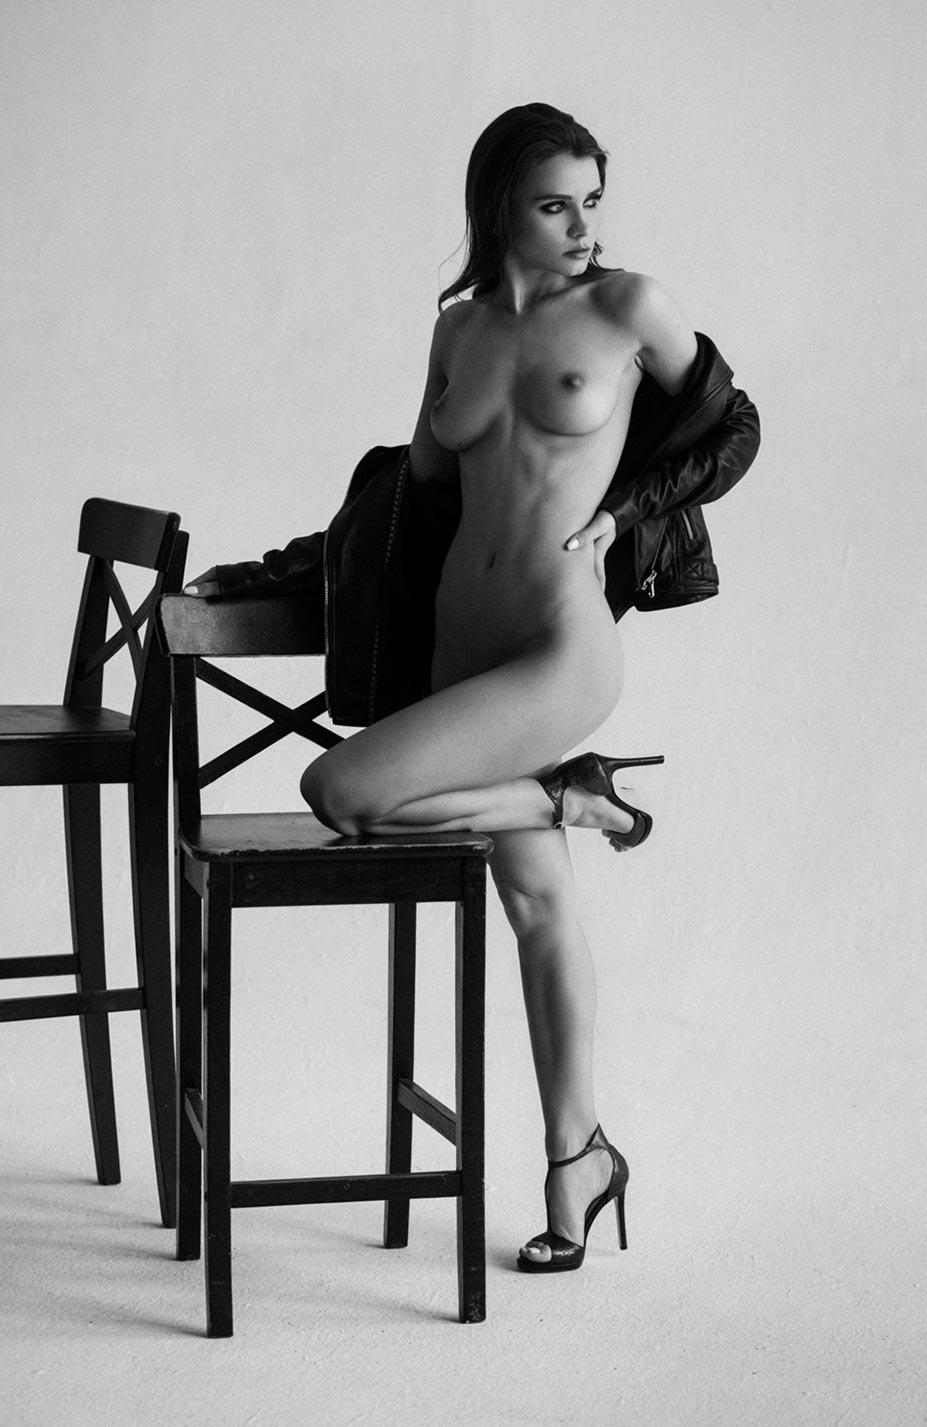 Кристина Макарова экспериментирует со стремянкой / фото 11